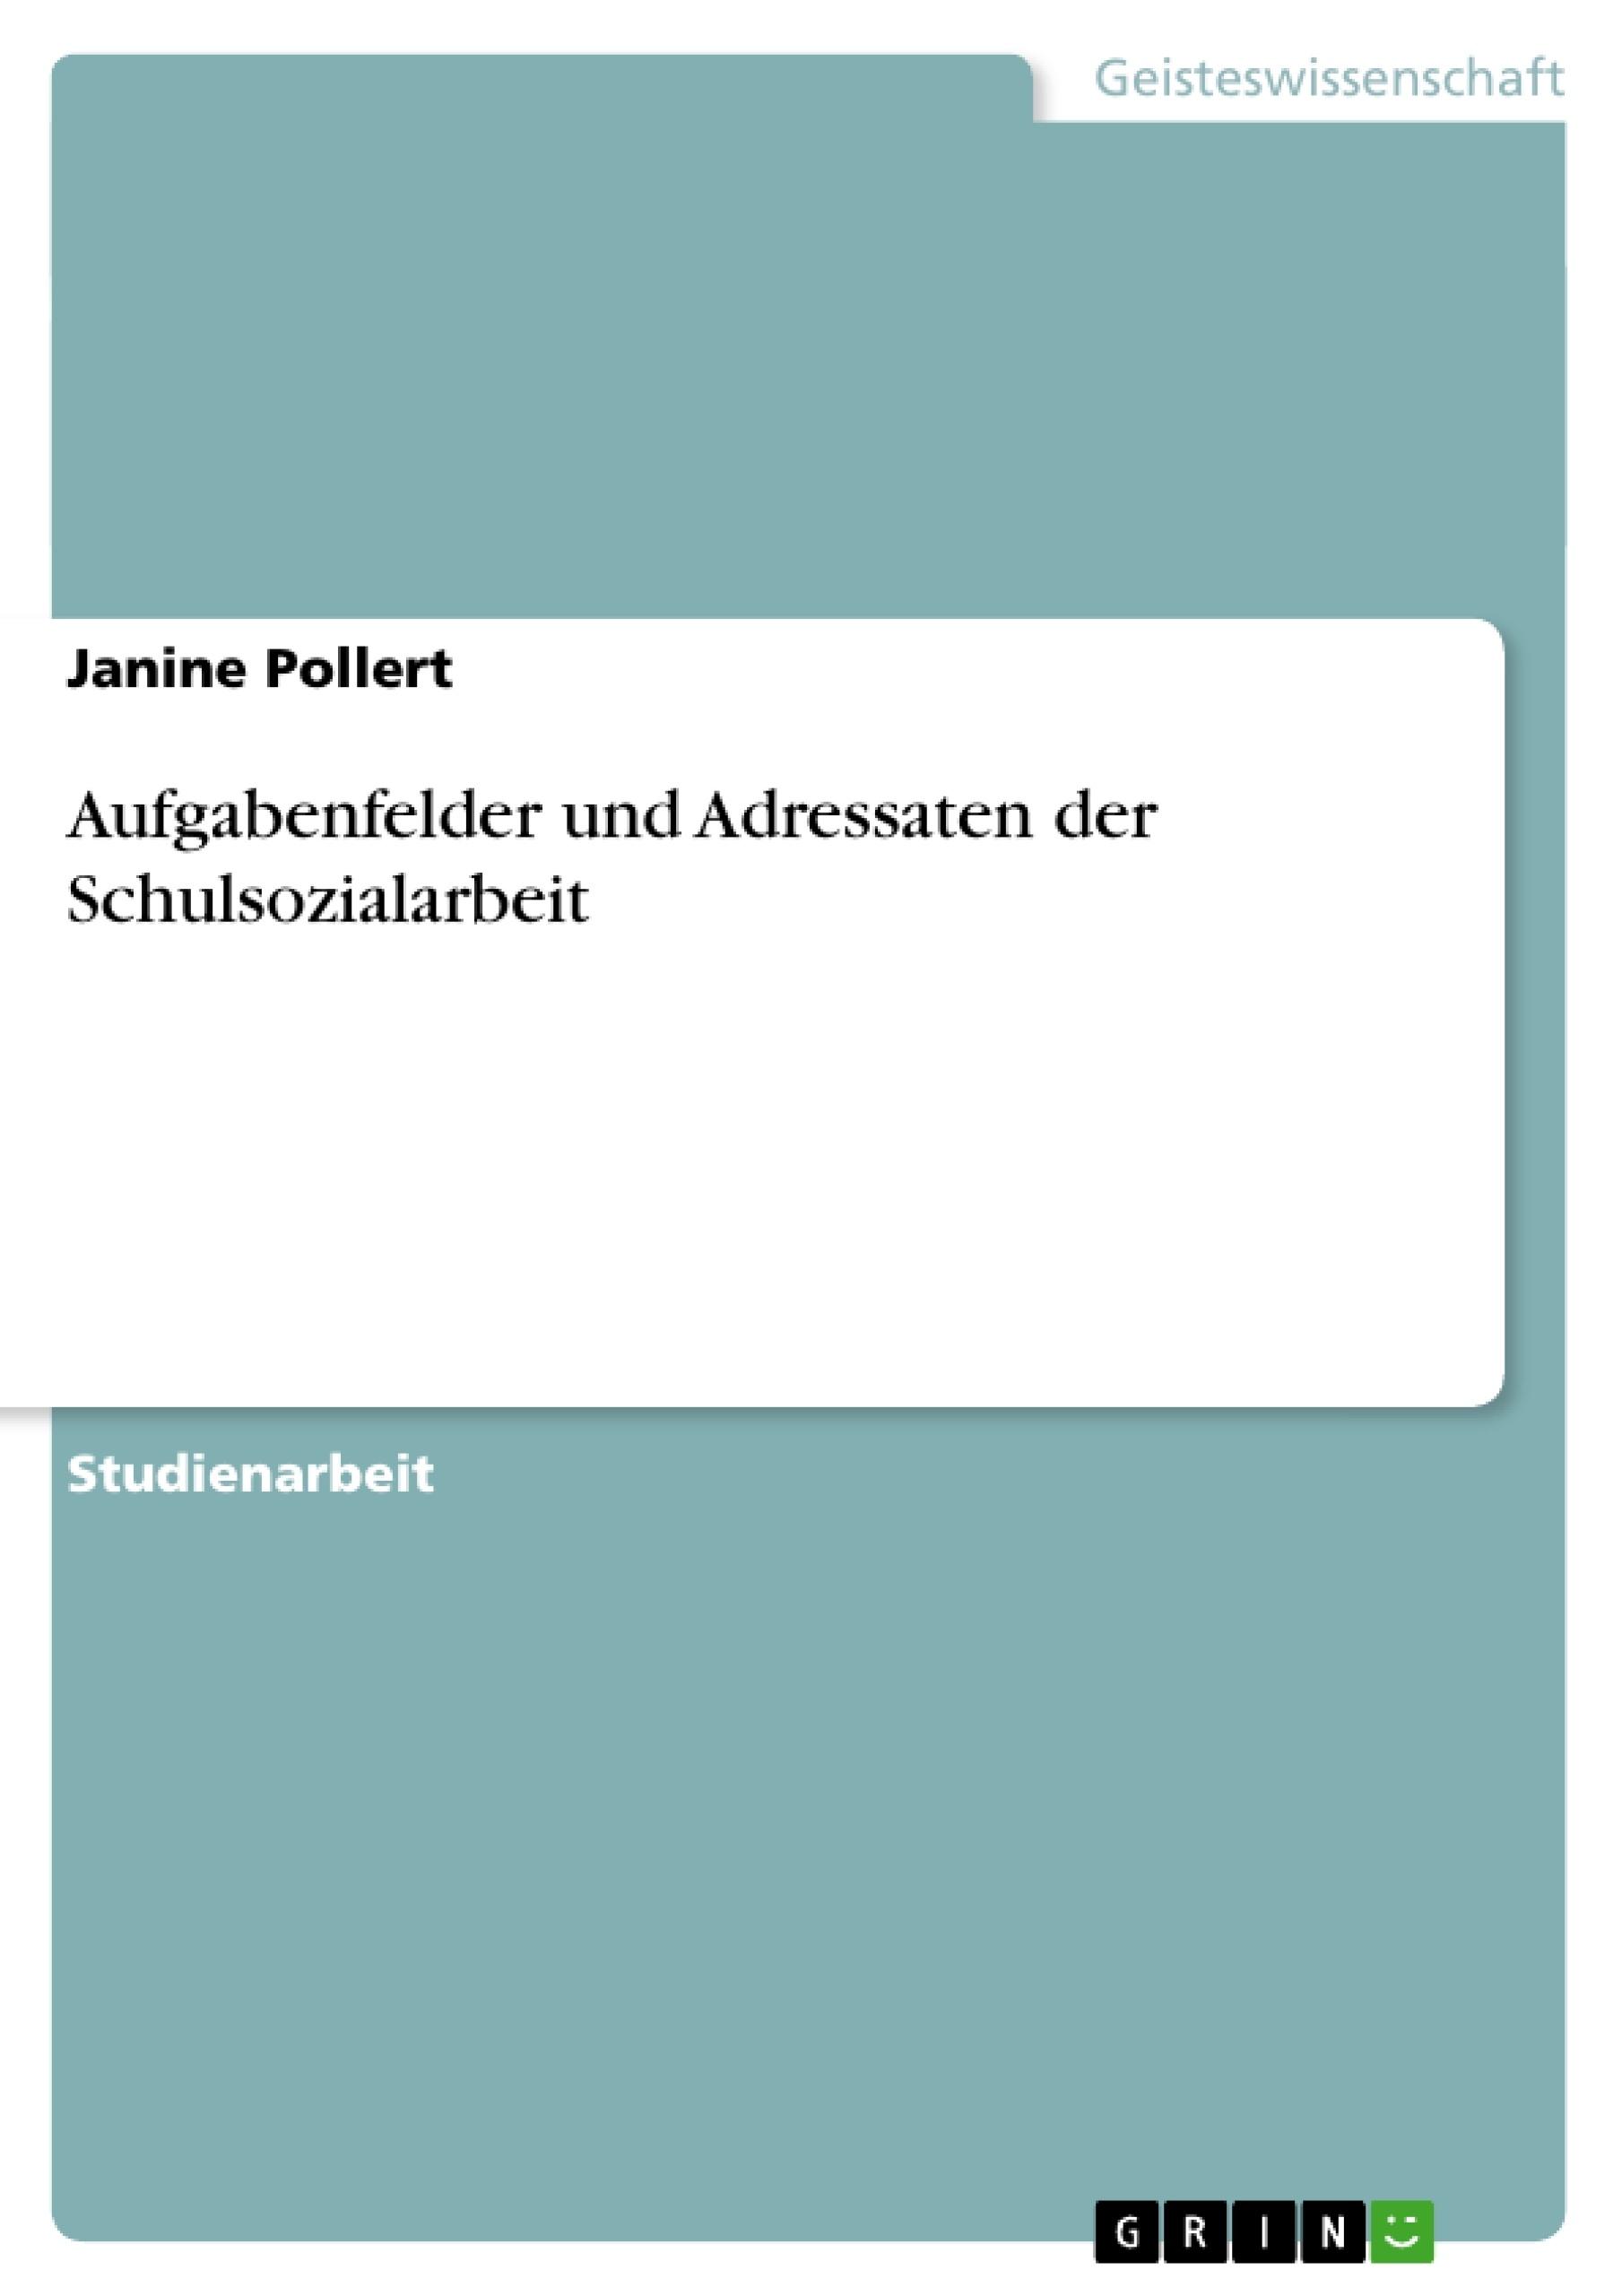 Titel: Aufgabenfelder und Adressaten der Schulsozialarbeit